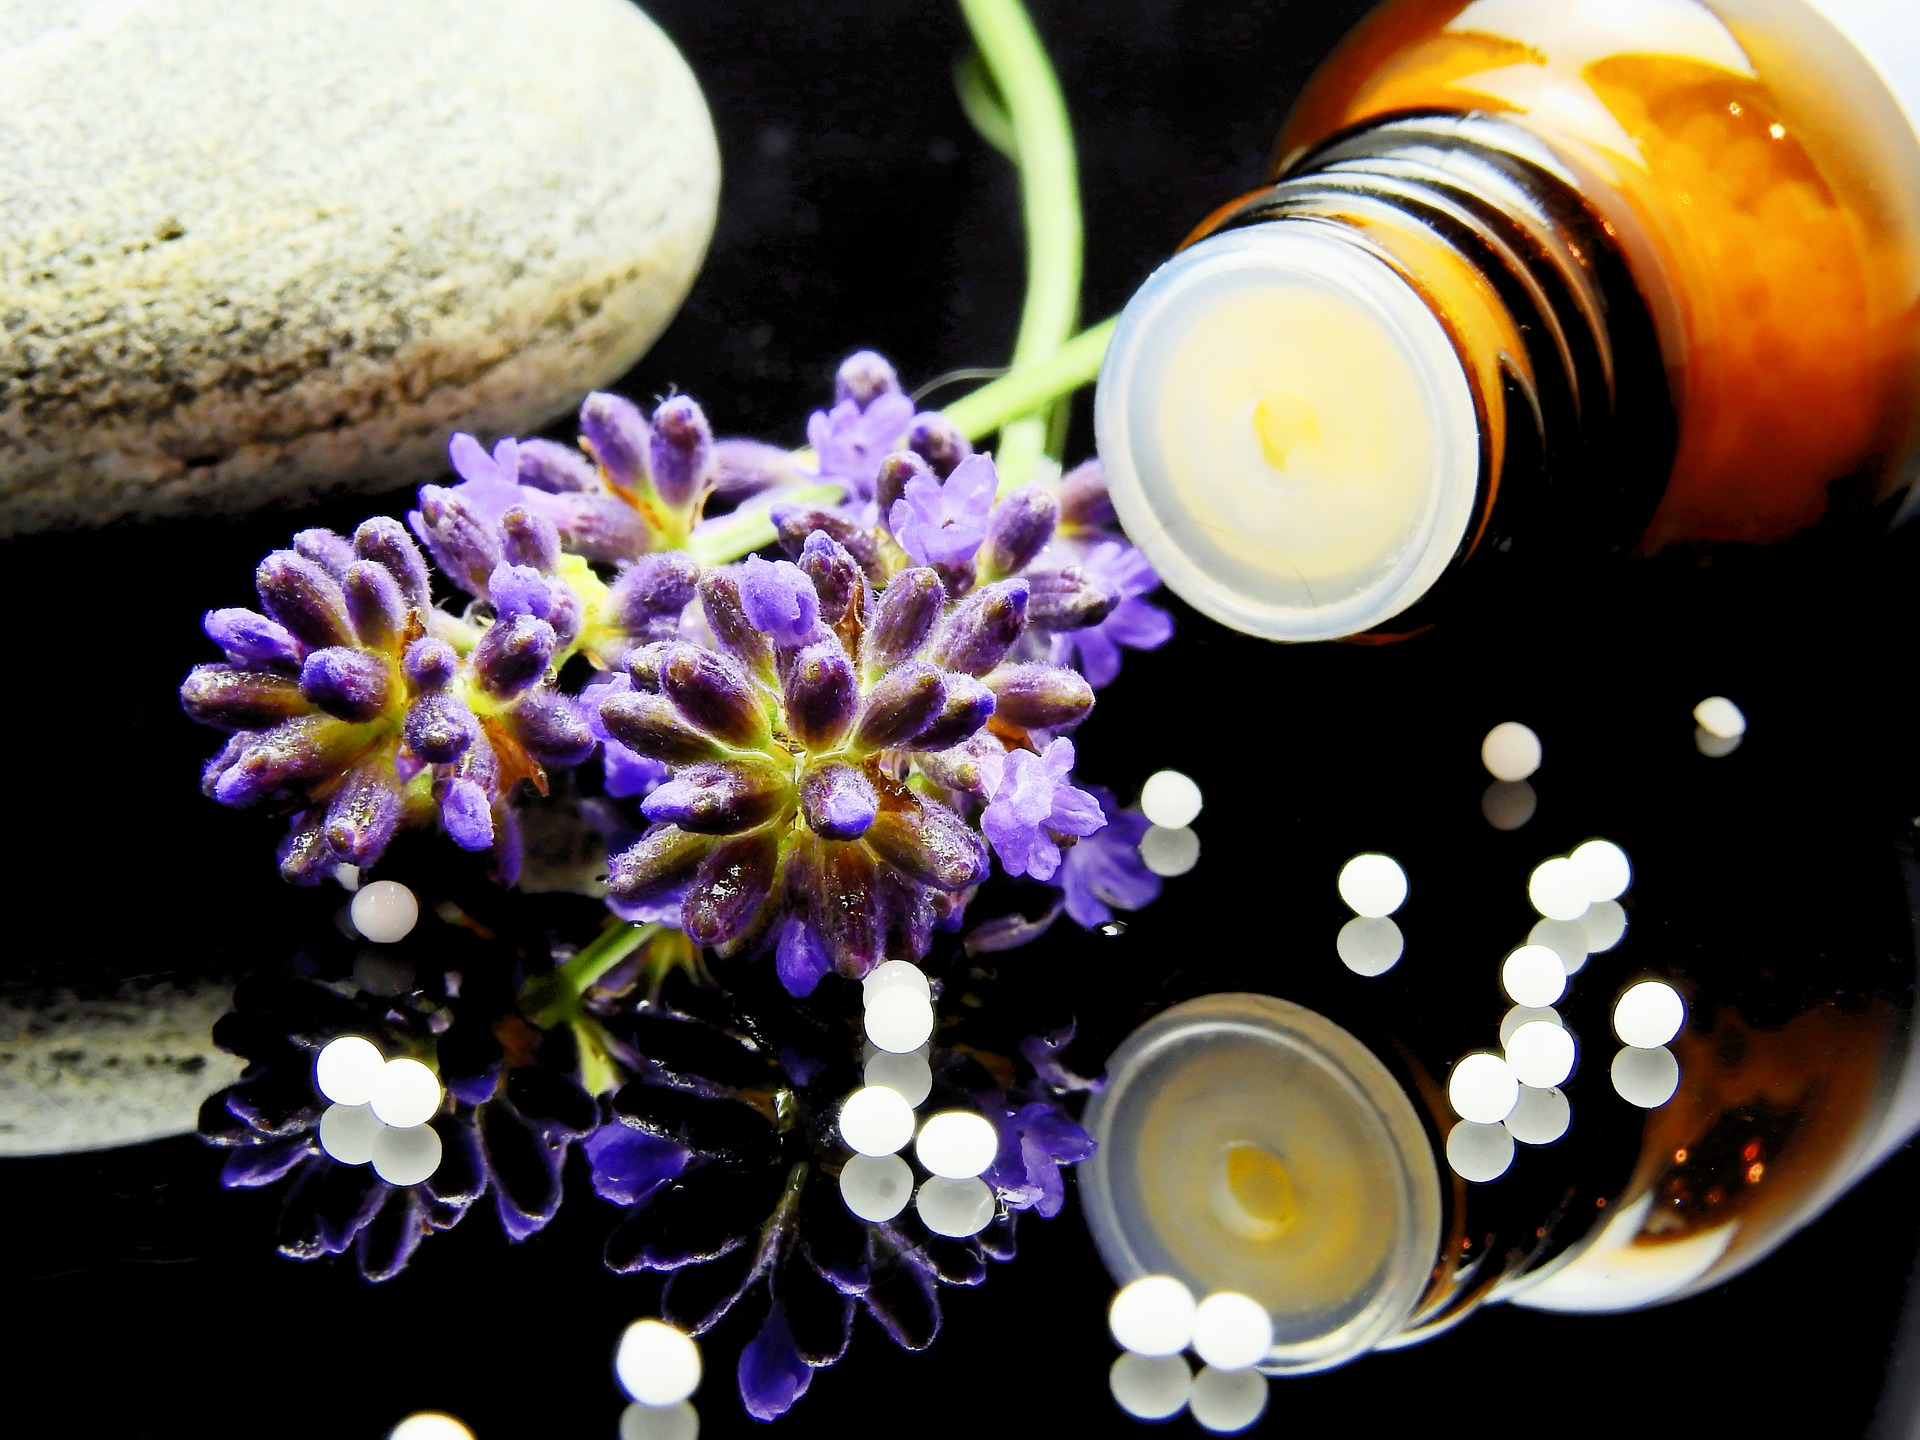 Homöopathie ist keine geeignete Therapiemethode